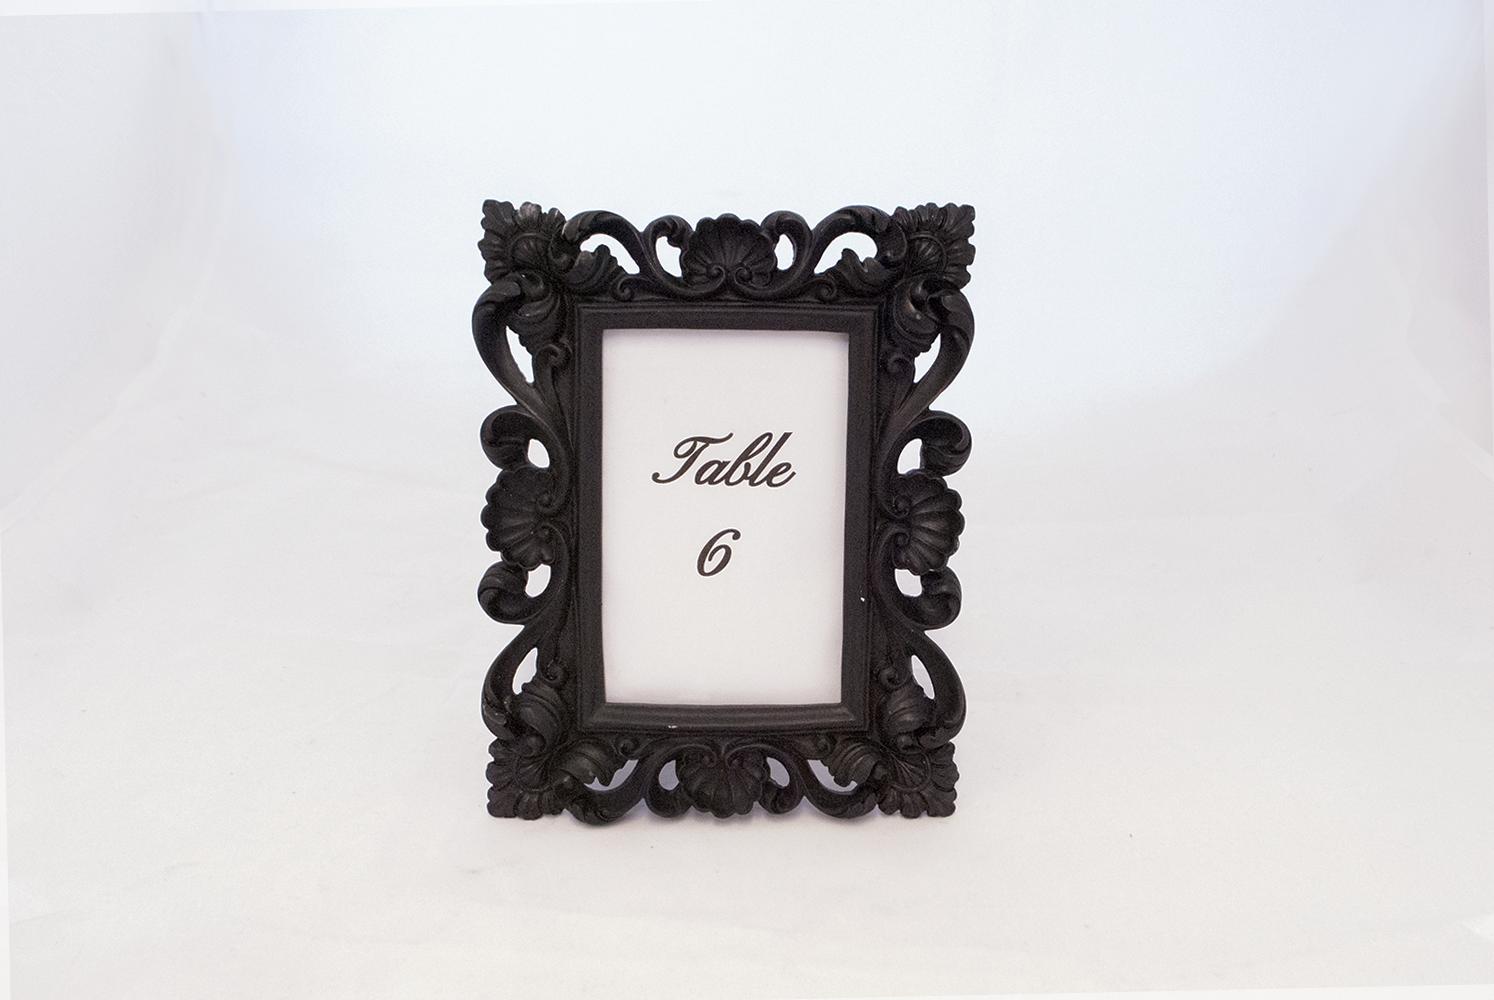 black frame   Quantity: 6  Price: $8.50